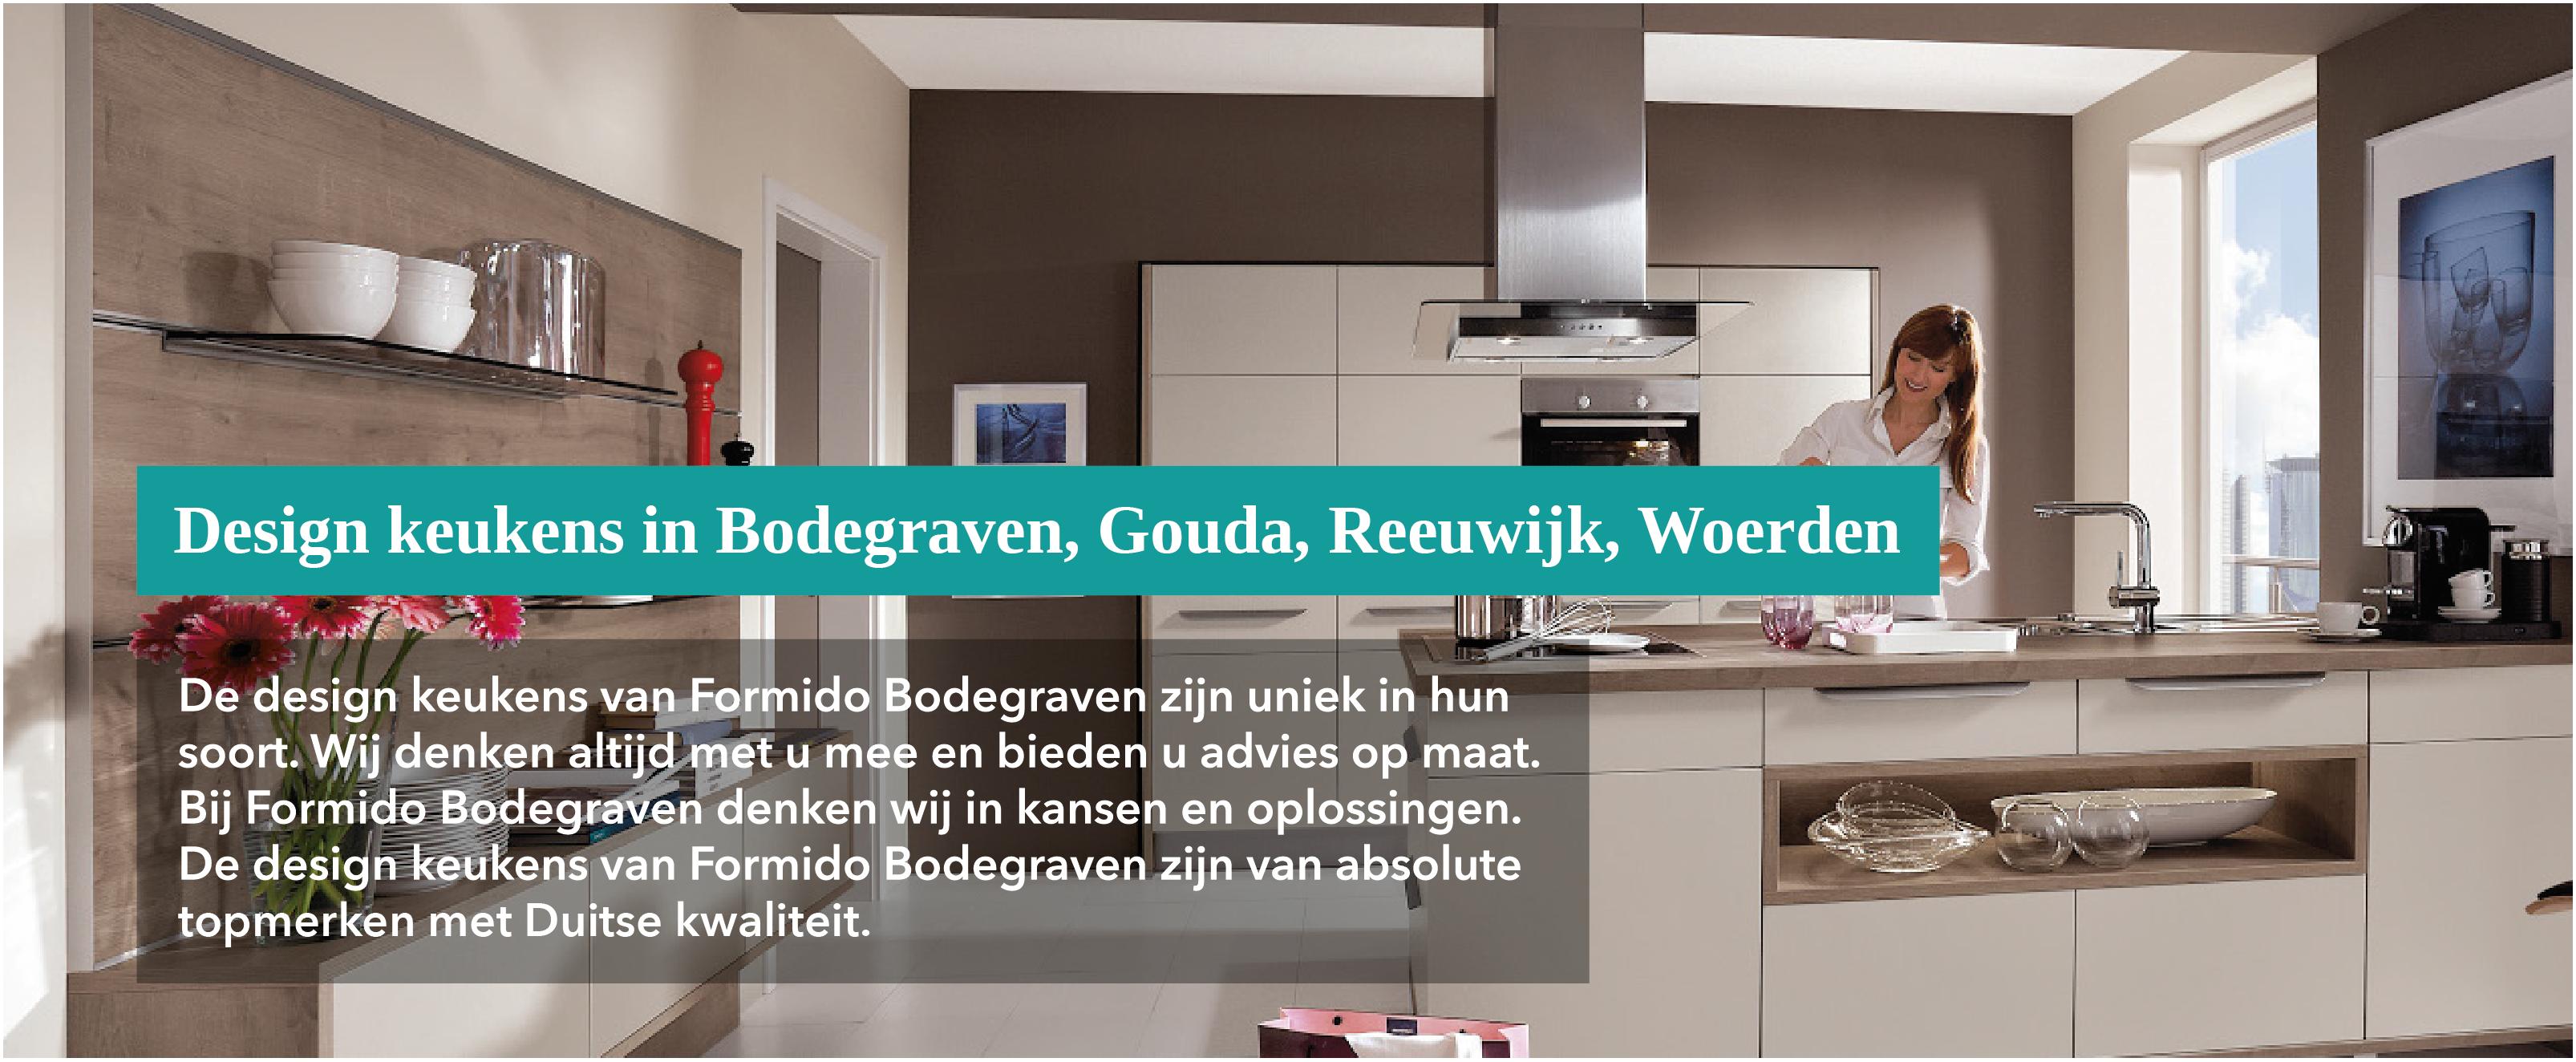 keuken carrousel le mans prijs : Klassieke Keuken In Bodegraven Reeuwijk Woerden Gouda